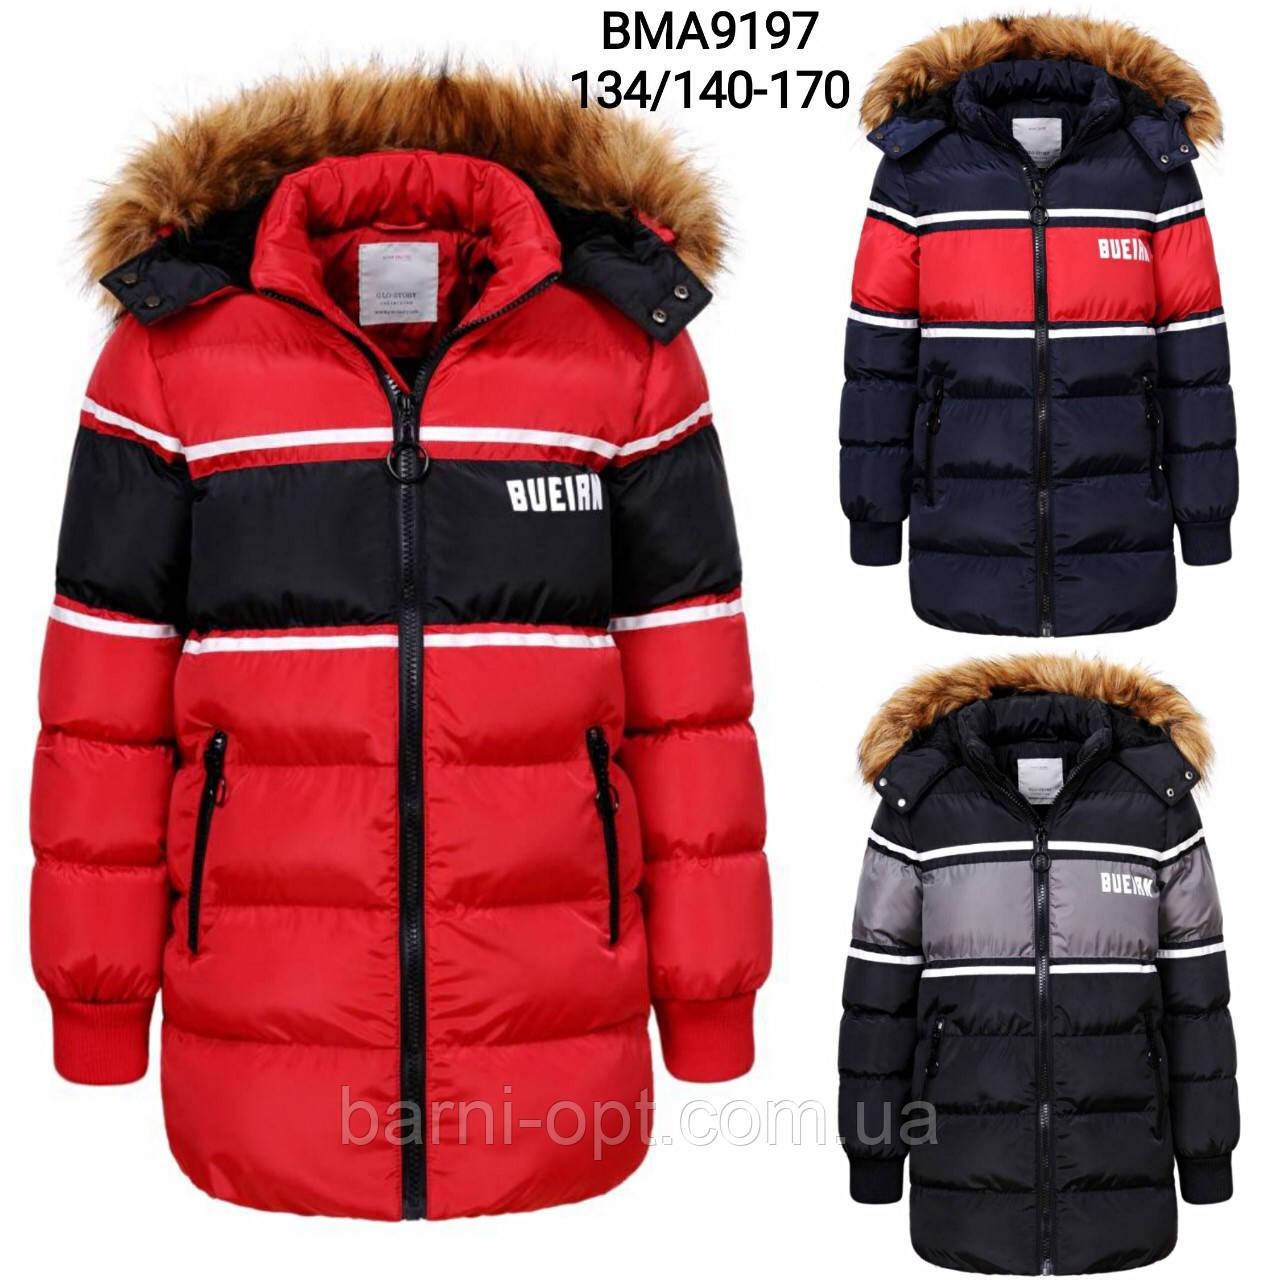 Куртки зимові на хлопчика, Glo-story, в наявності 134/140 рр